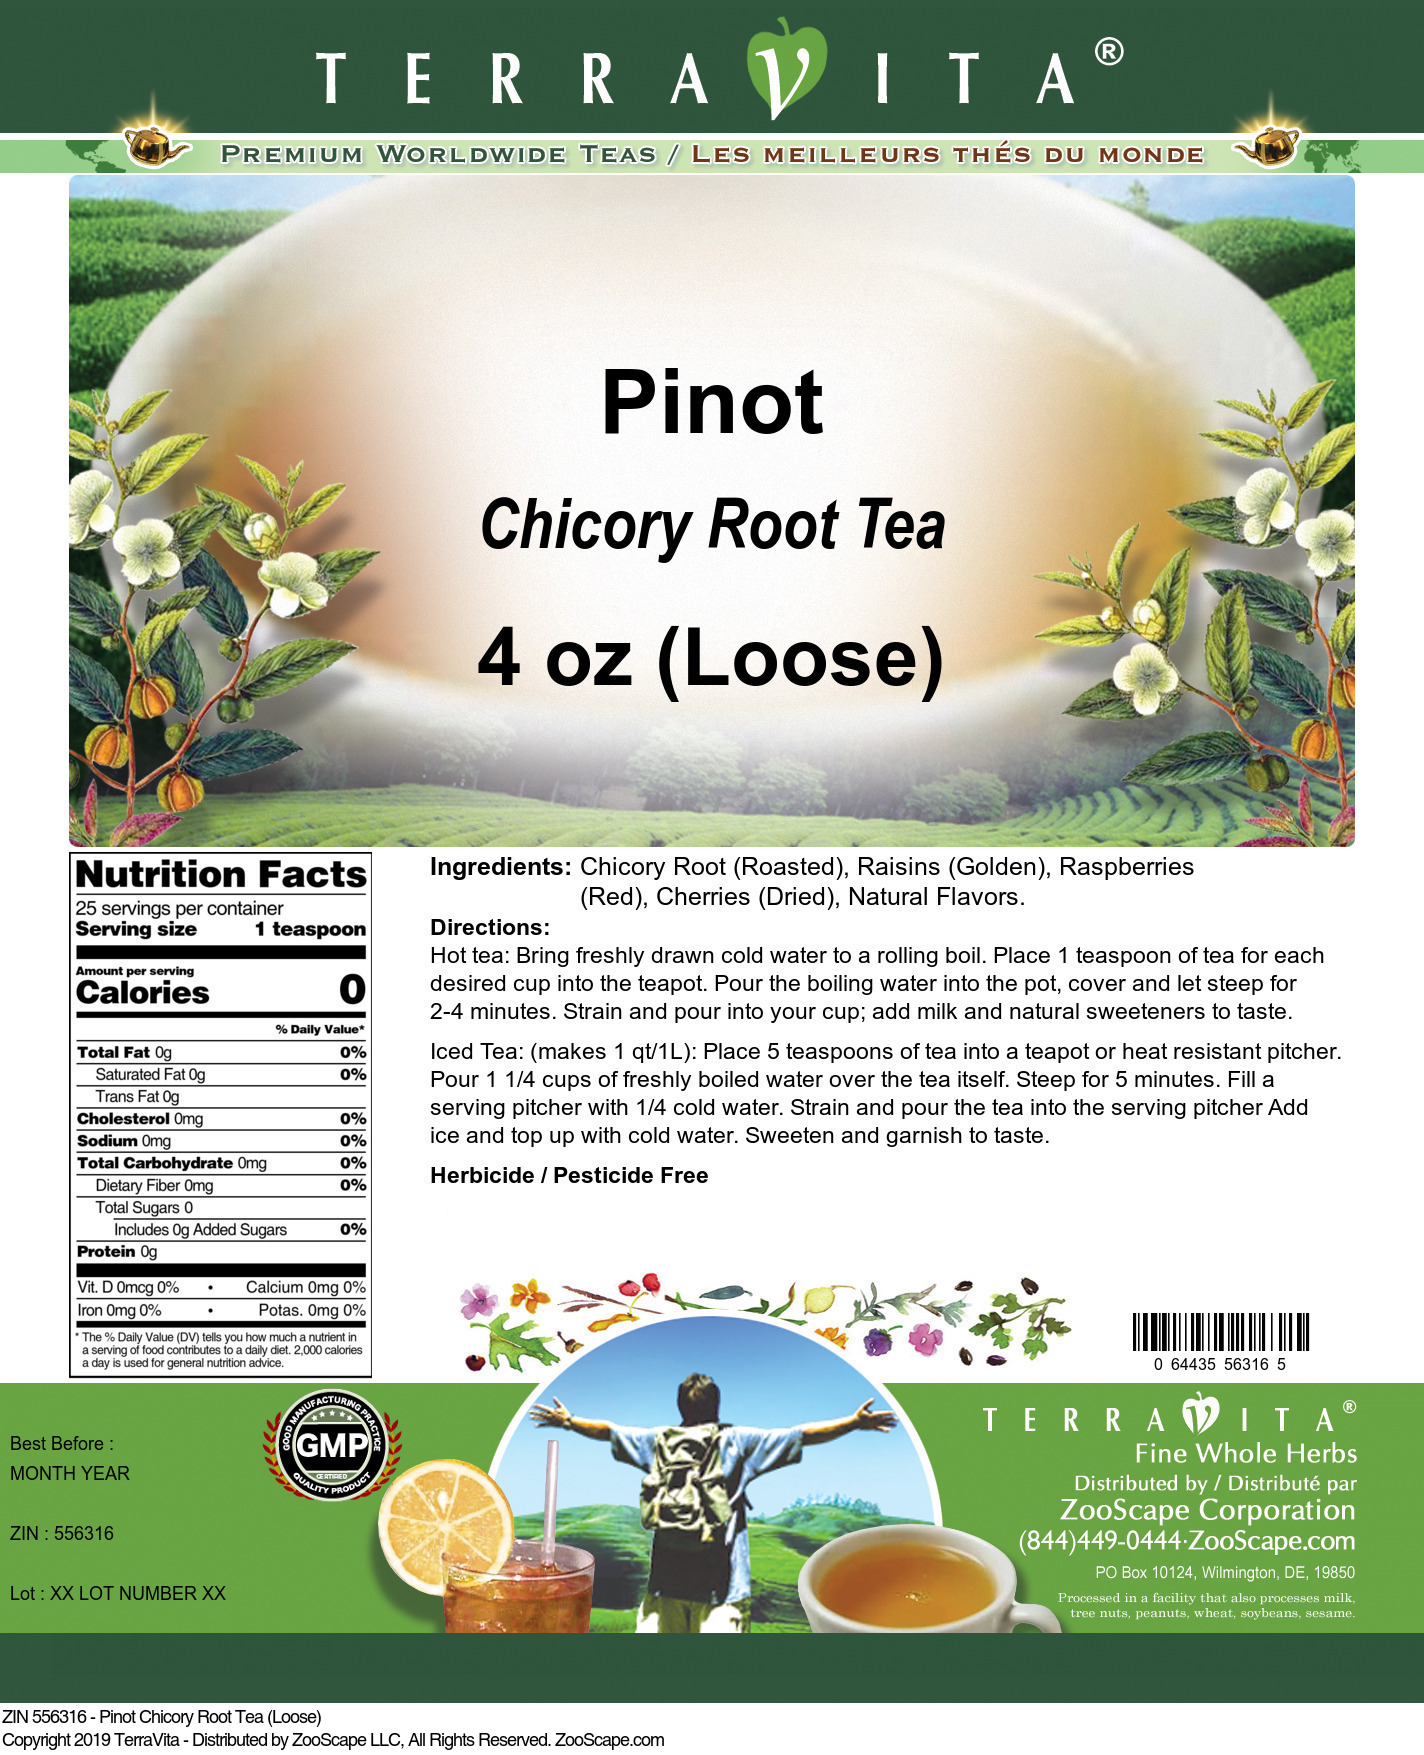 Pinot Chicory Root